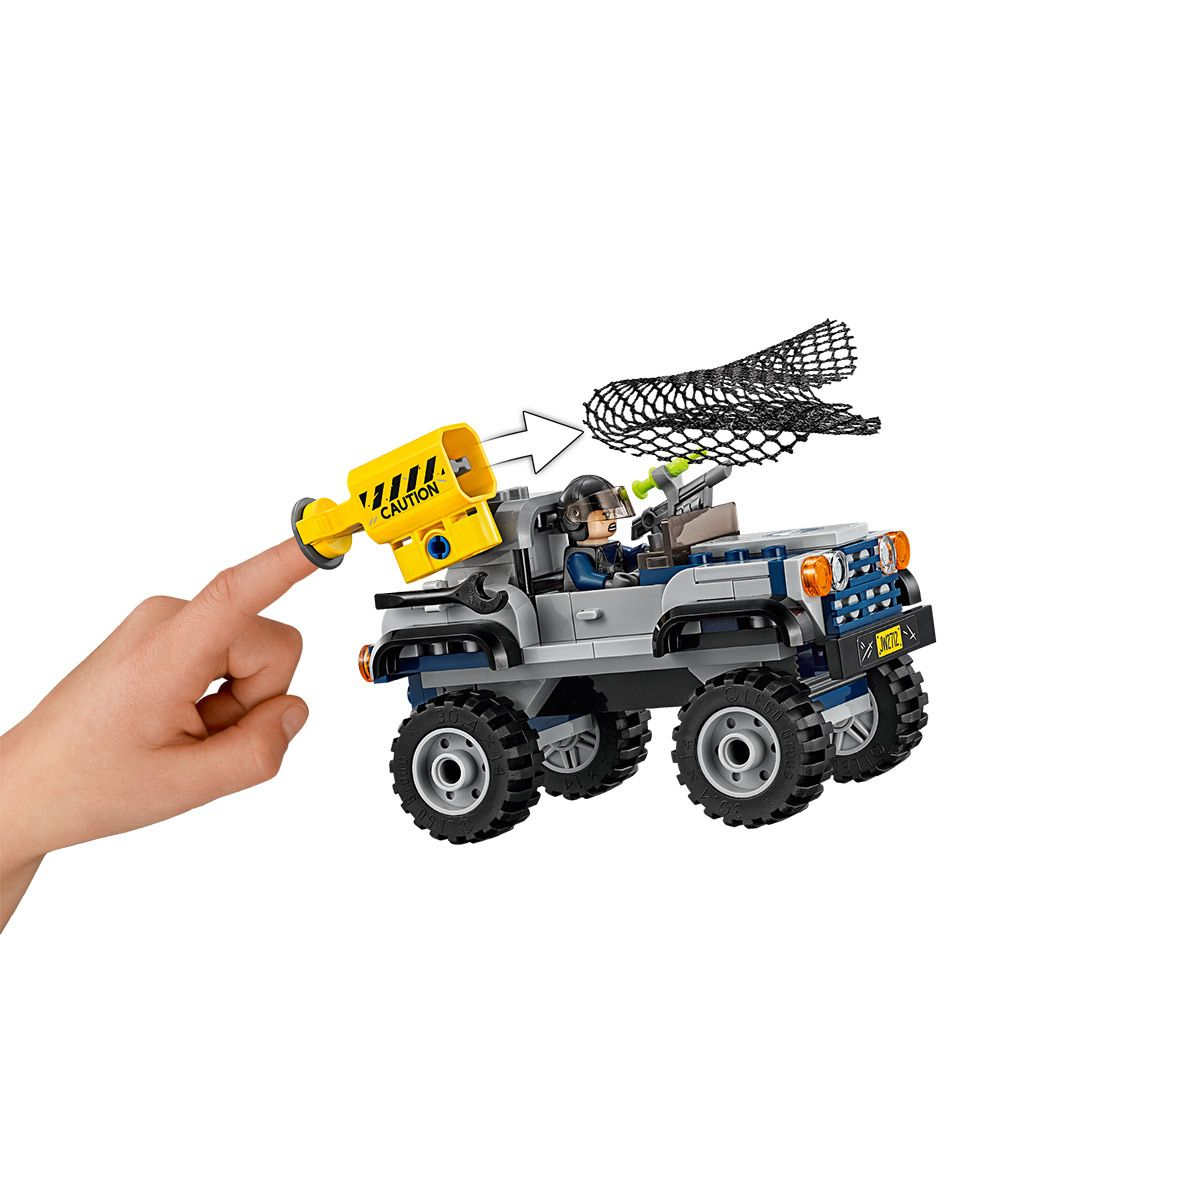 La 75926 Course Du World Ptéranodon Super Lego Poursuite Jurassic PZ8nkOXN0w